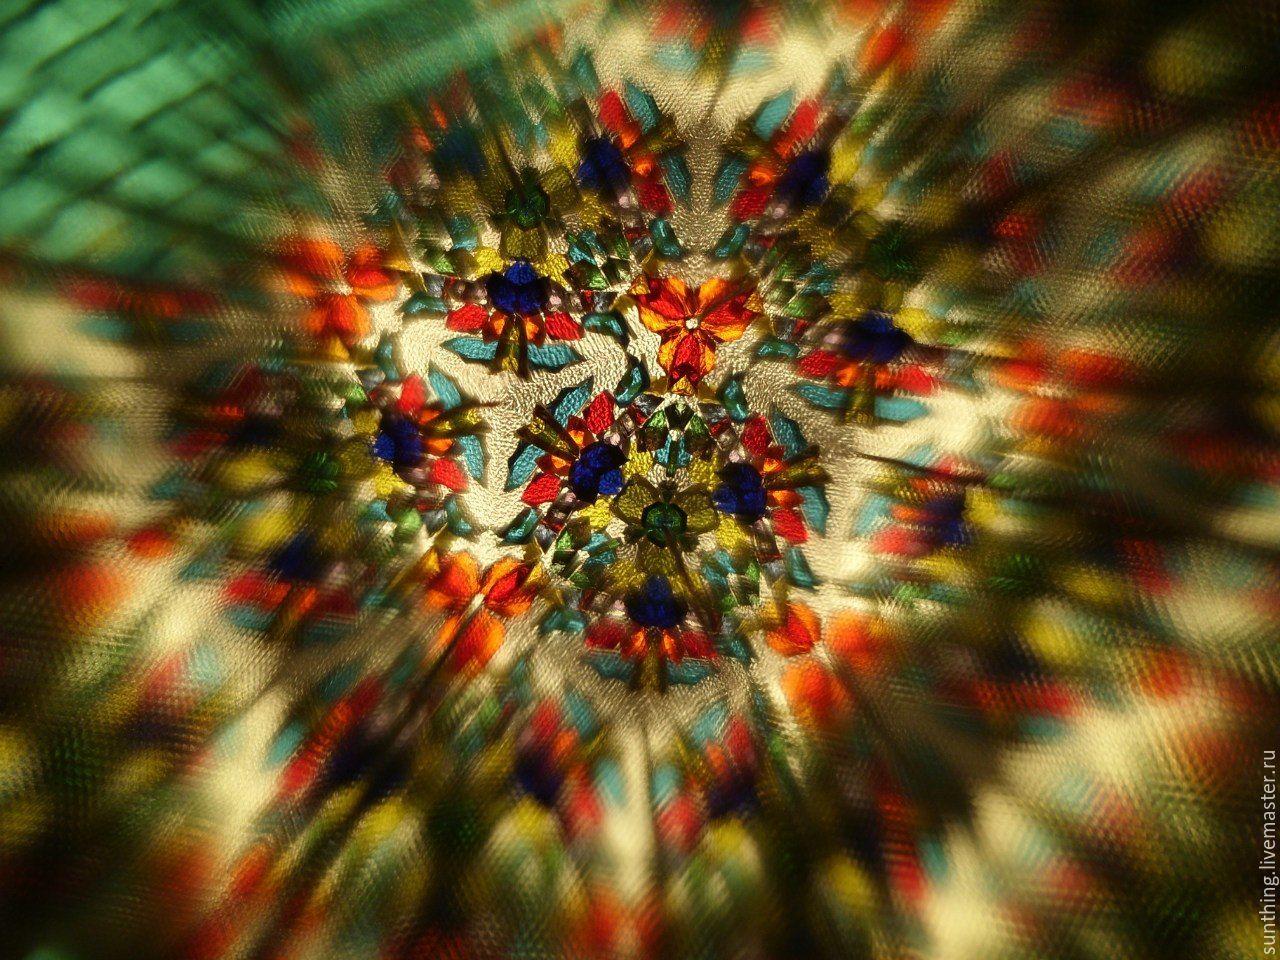 Kaleidoscope Patterns Unique Decoration